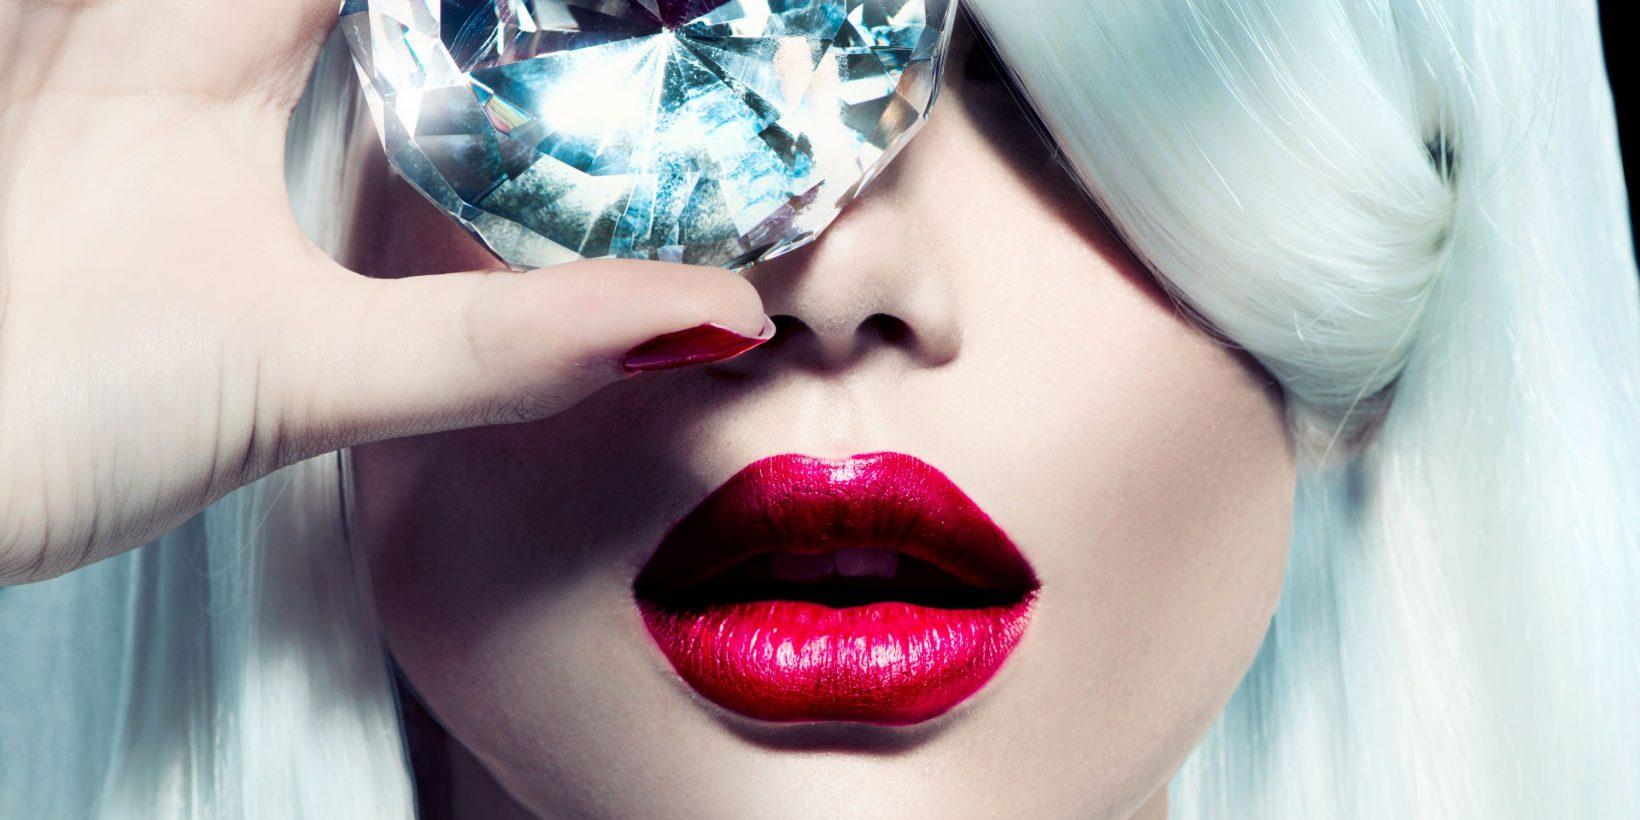 Le diamant synthétique: quelle empreinte face à l'éternel?